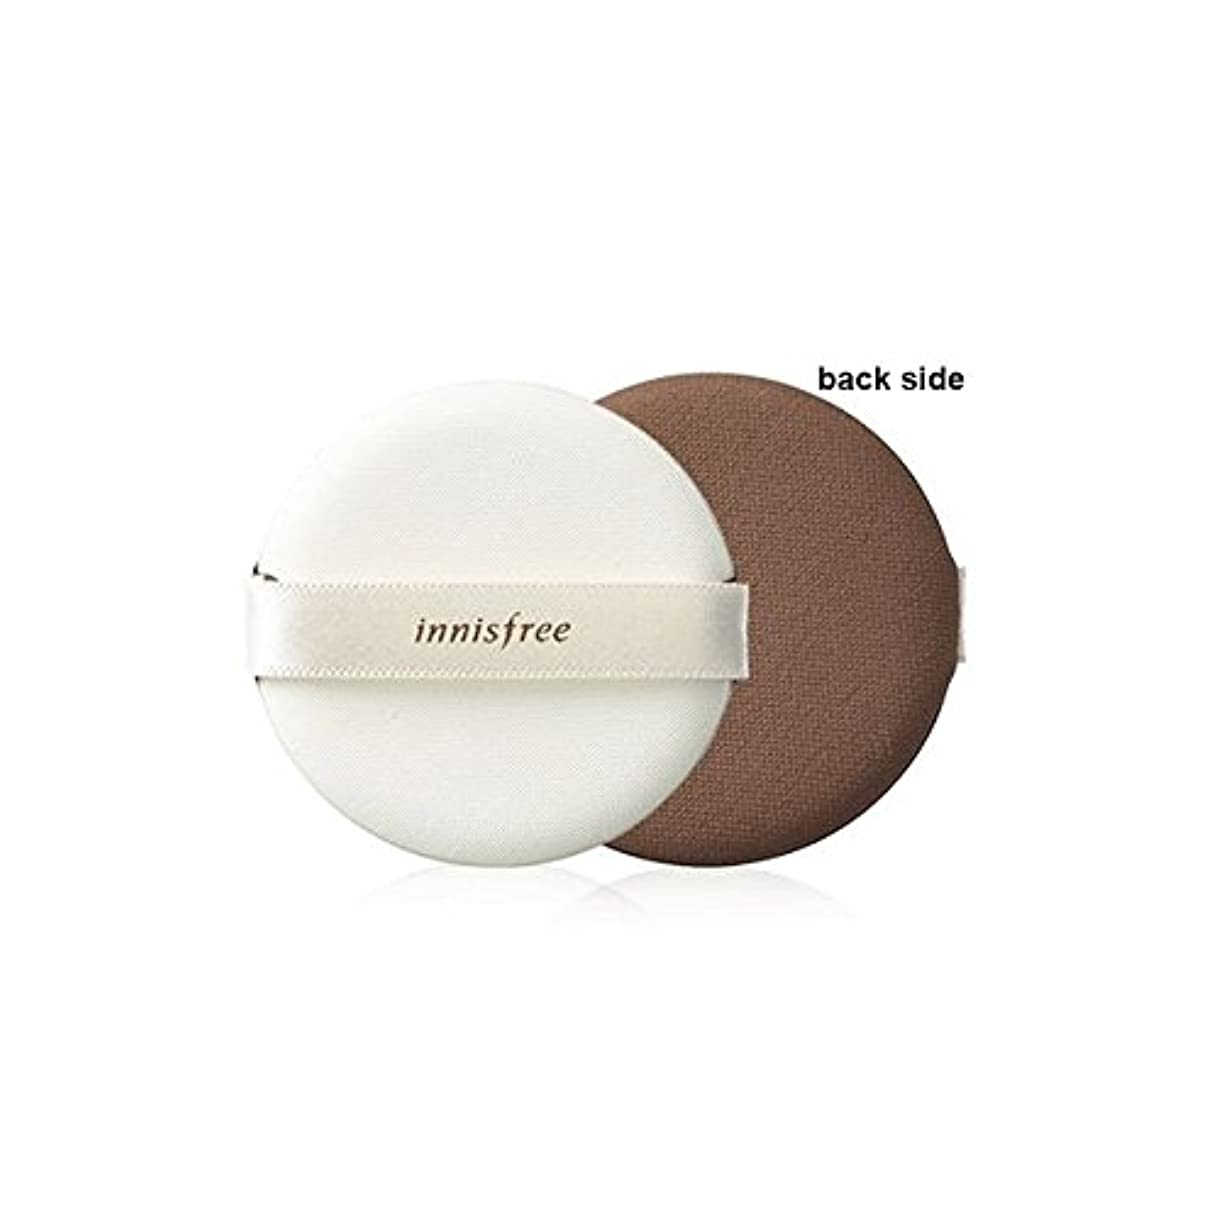 蜜デンマーク語開拓者[イニスプリー] Innisfree エアマジックパフ-密着 [Innisfree] Eco Beauty Tool Air Magic Puff-Fitting [海外直送品]